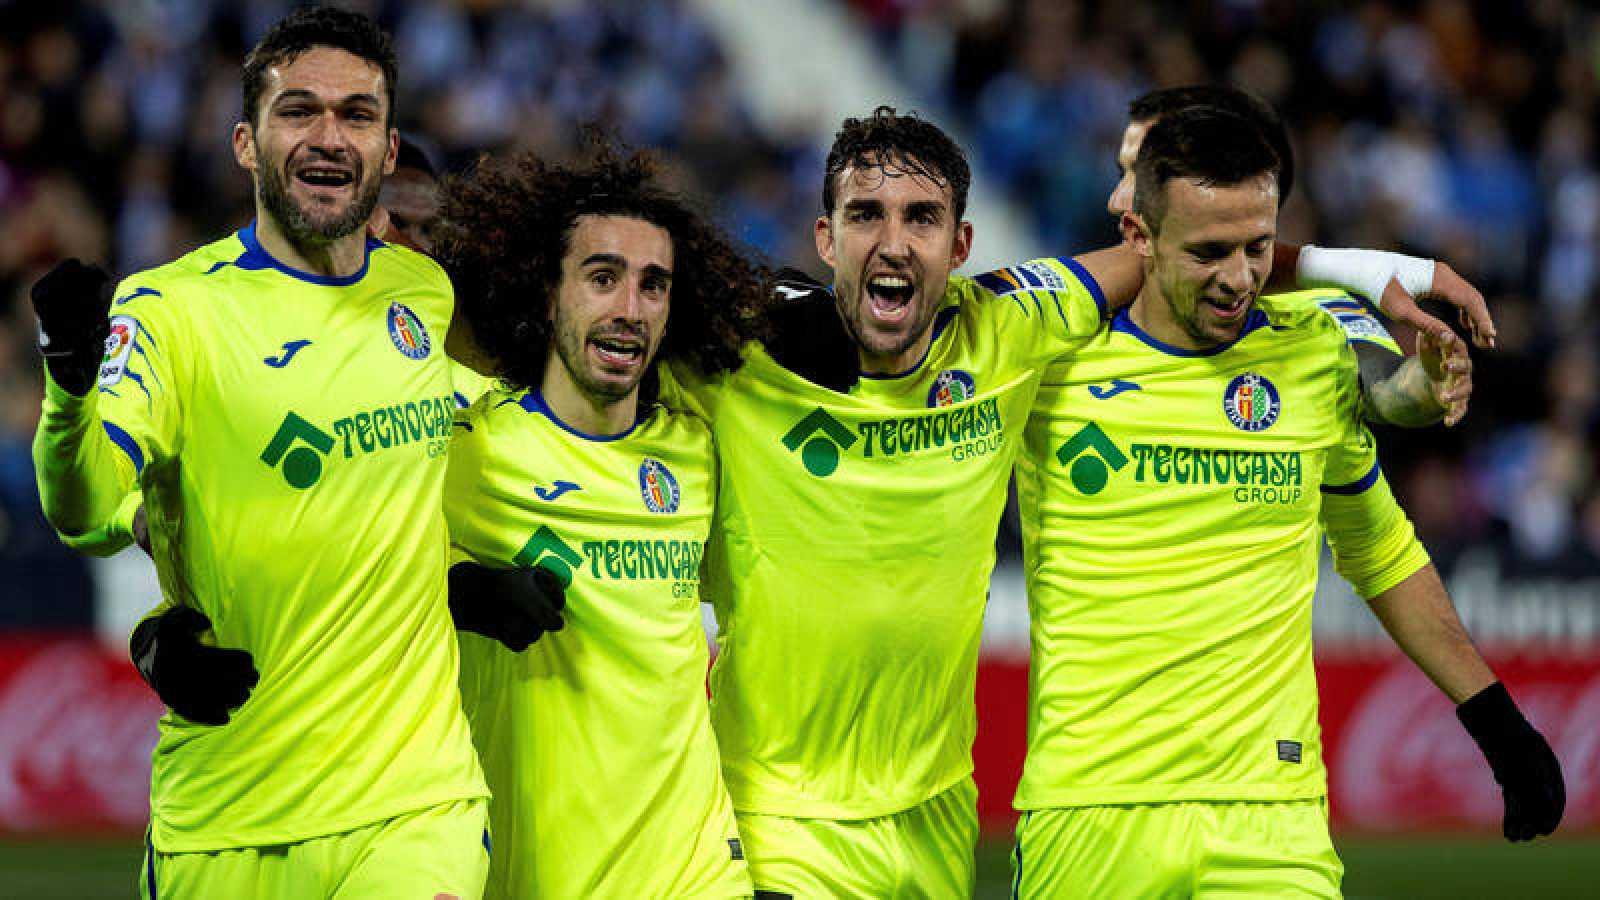 Los jugadores del Getafe celebran uno de sus goles al Leganés.